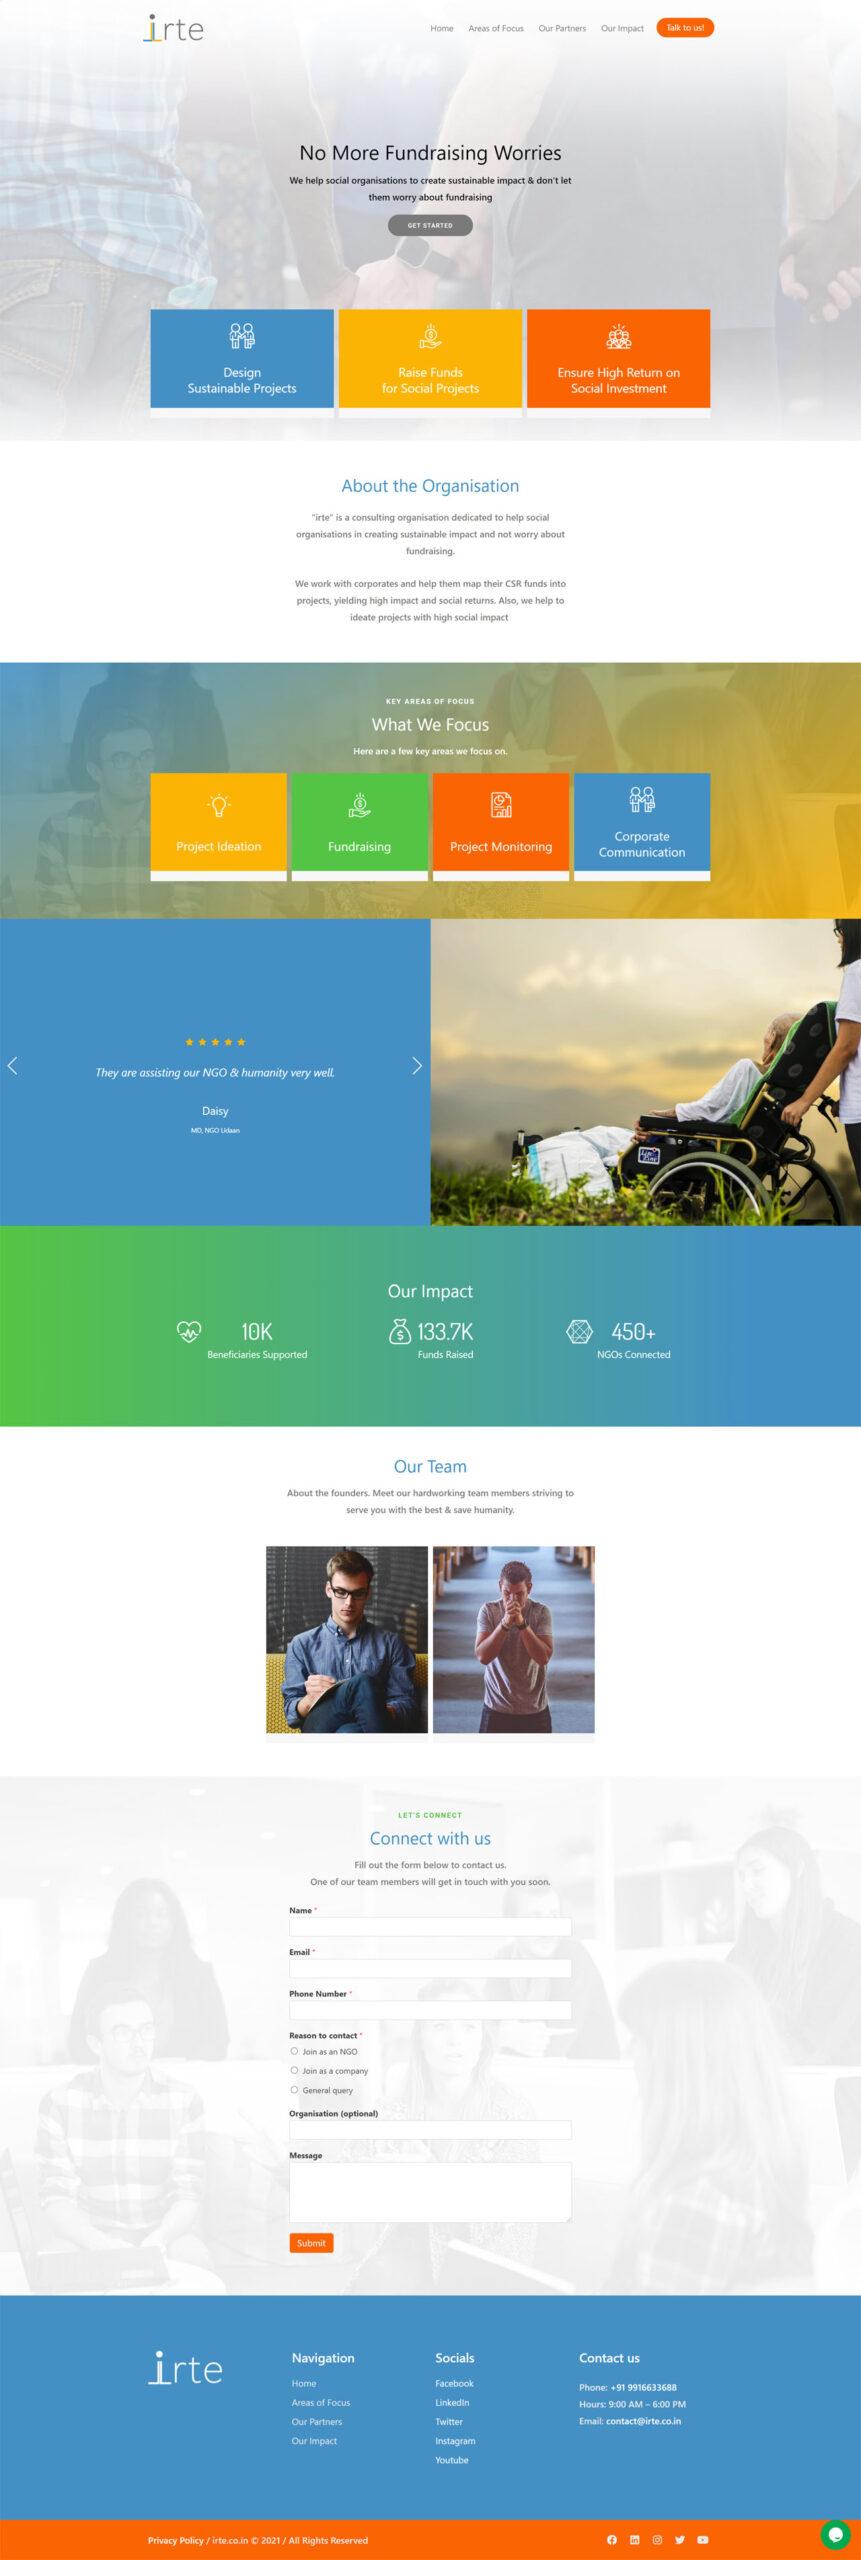 IRTE website